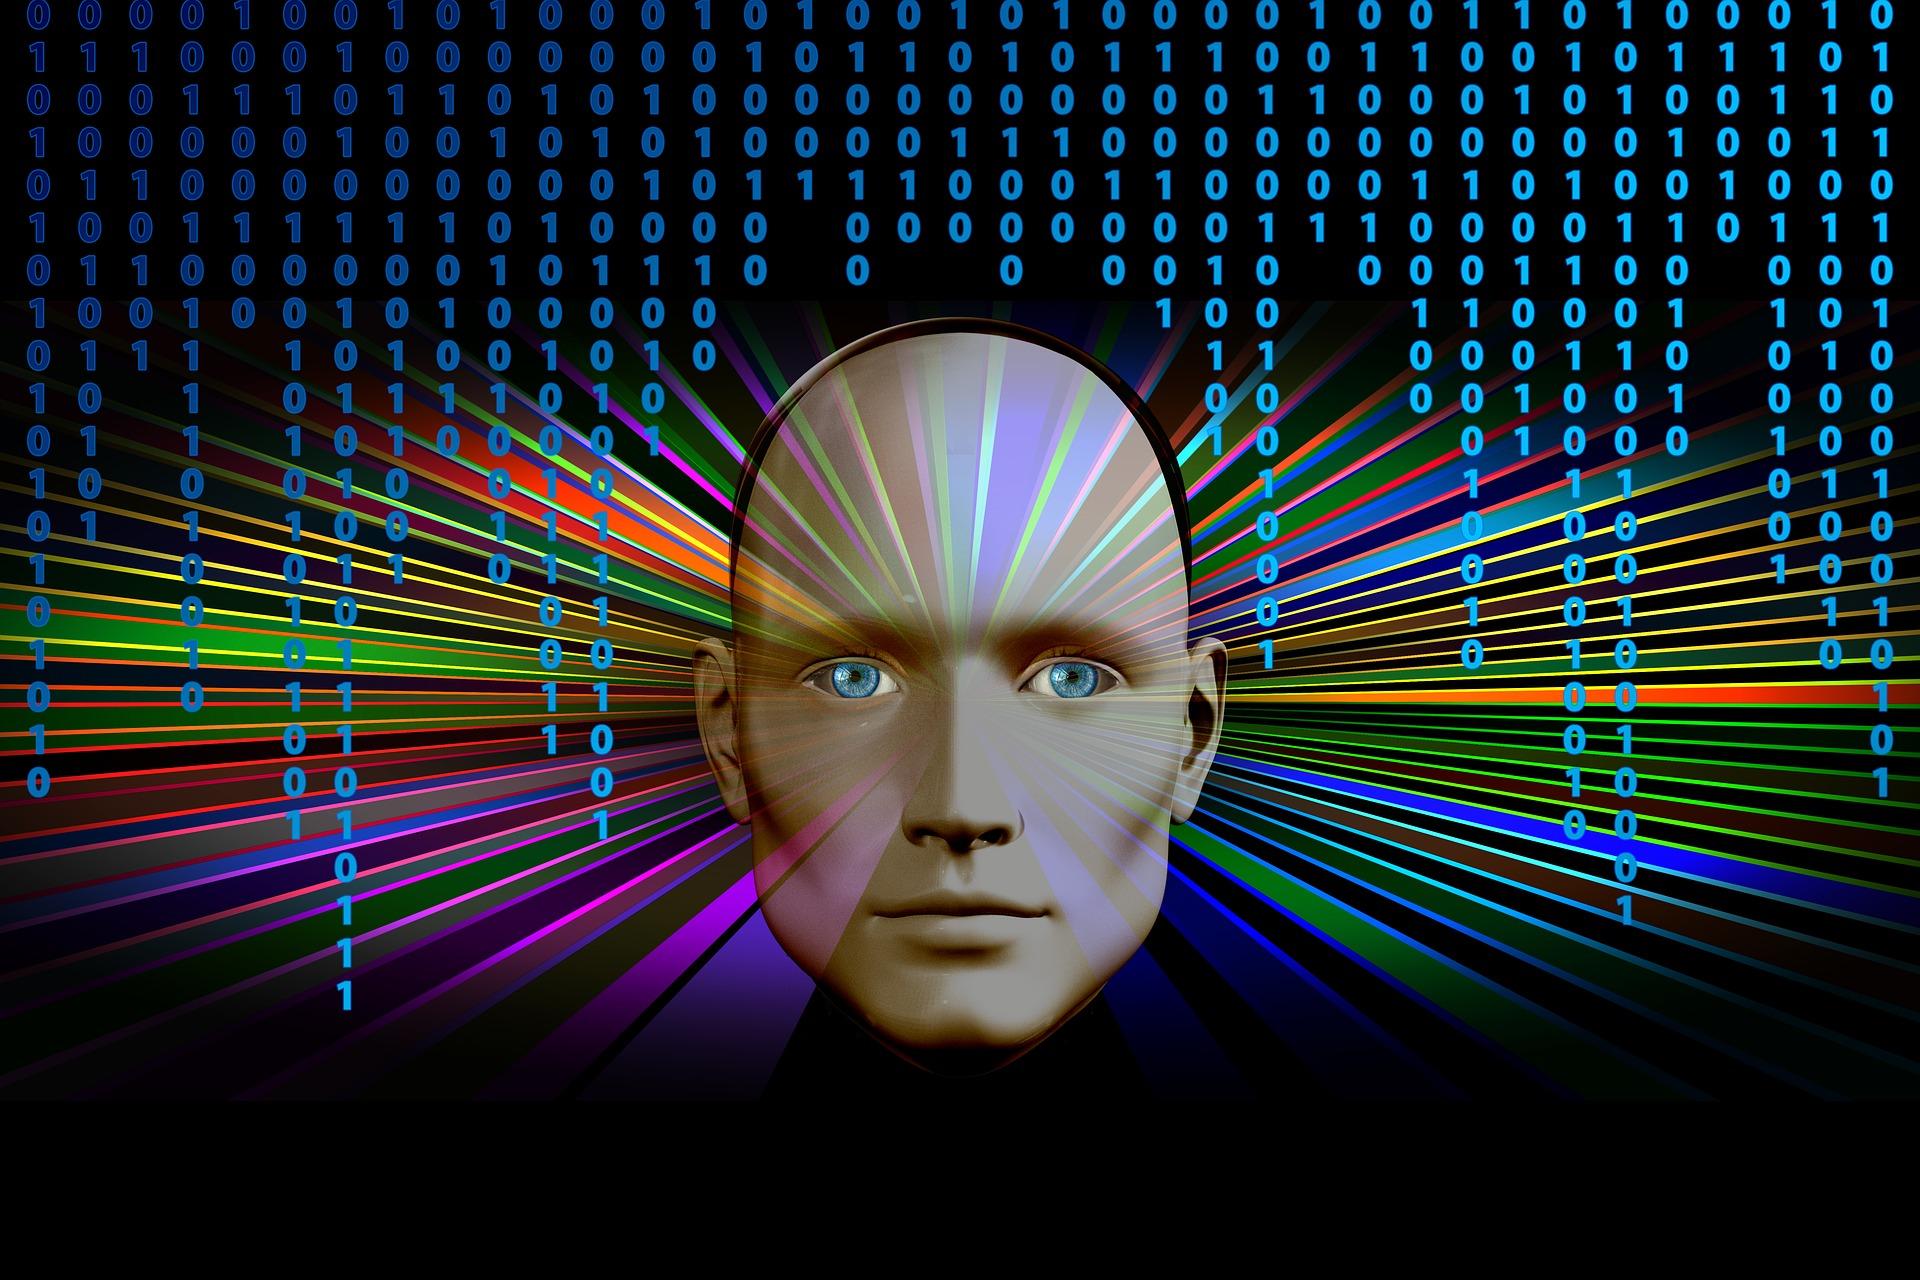 Kunstig Intelligens